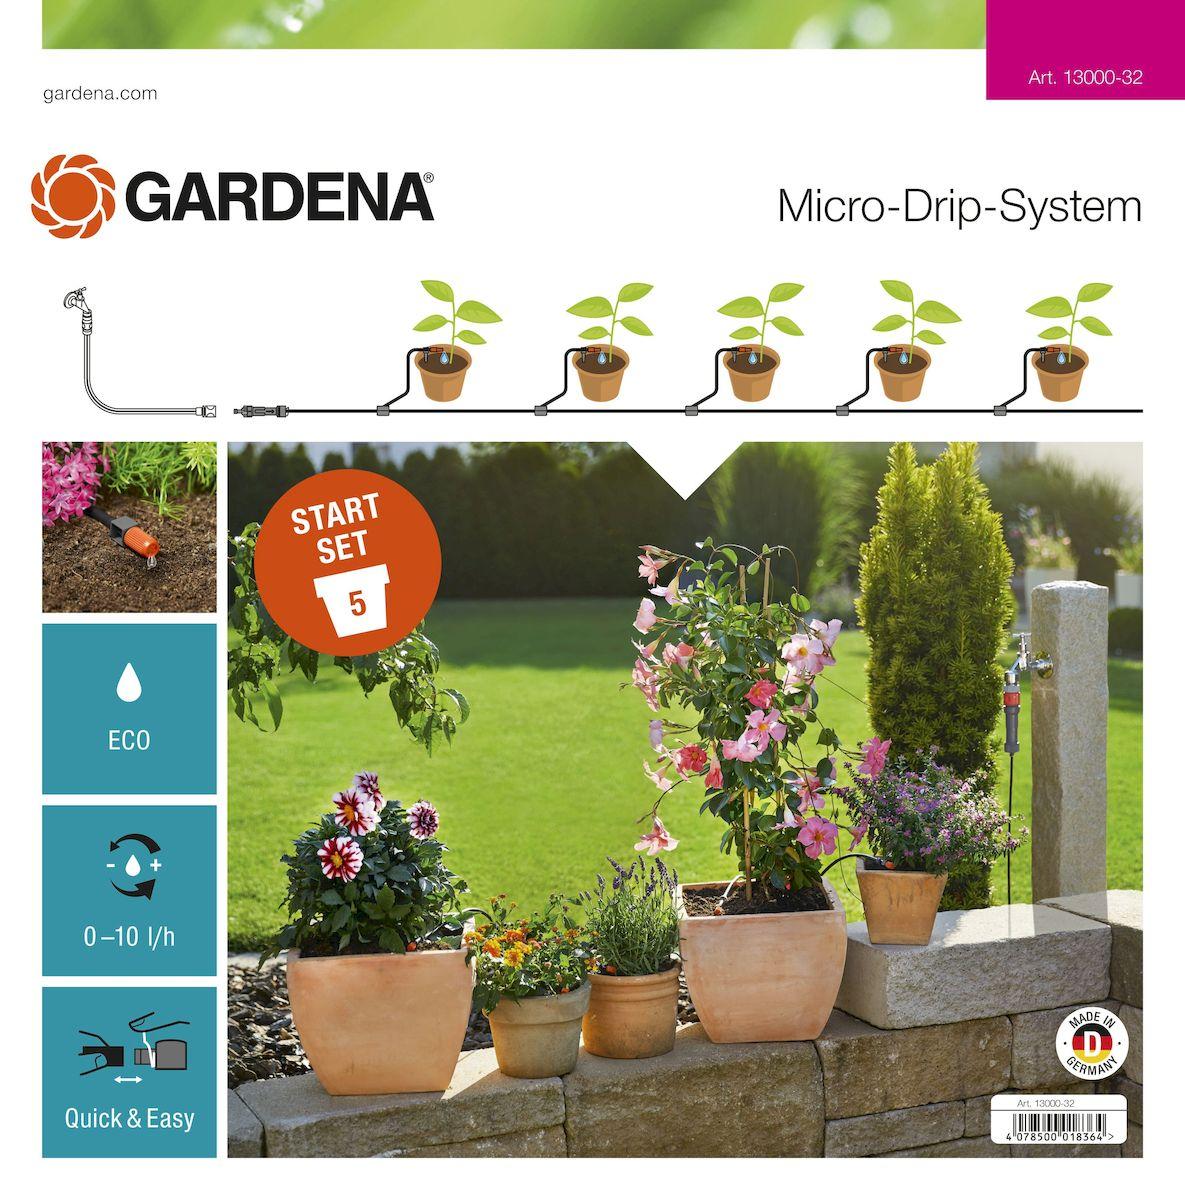 Комплект микрокапельного полива террасовый Gardena, базовый13000-32.000.00Комплект для террас Gardena предназначен для микрокапельного полива, который может применяться в различных целях. Комплект может использоваться для полива пяти горшечных растений, но в любом случае это оптимальный набор инструментов для создания базовой системы микрокапельного полива Gardena. Такие элементы позволяют создать систему для удобного полива необходимых растений. Предусмотрена возможность включения в систему дополнительных элементов. В комплект входит: - мастер-блок 1000; - переходник для шланга; - шланг подающий 10 м; - колышки для крепления шлангов 4,6 мм (3/16), 5 шт; - соединитель Т-образный 4,6 мм (3/16), 5 шт; - заглушка 4,6 мм (3/16); - регулируемая концевая капельница (0-10 л/час), 5 шт. Благодаря патентованной технологии быстрого подсоединения Quick & Easy, все элементы легко соединяются и разъединяются.